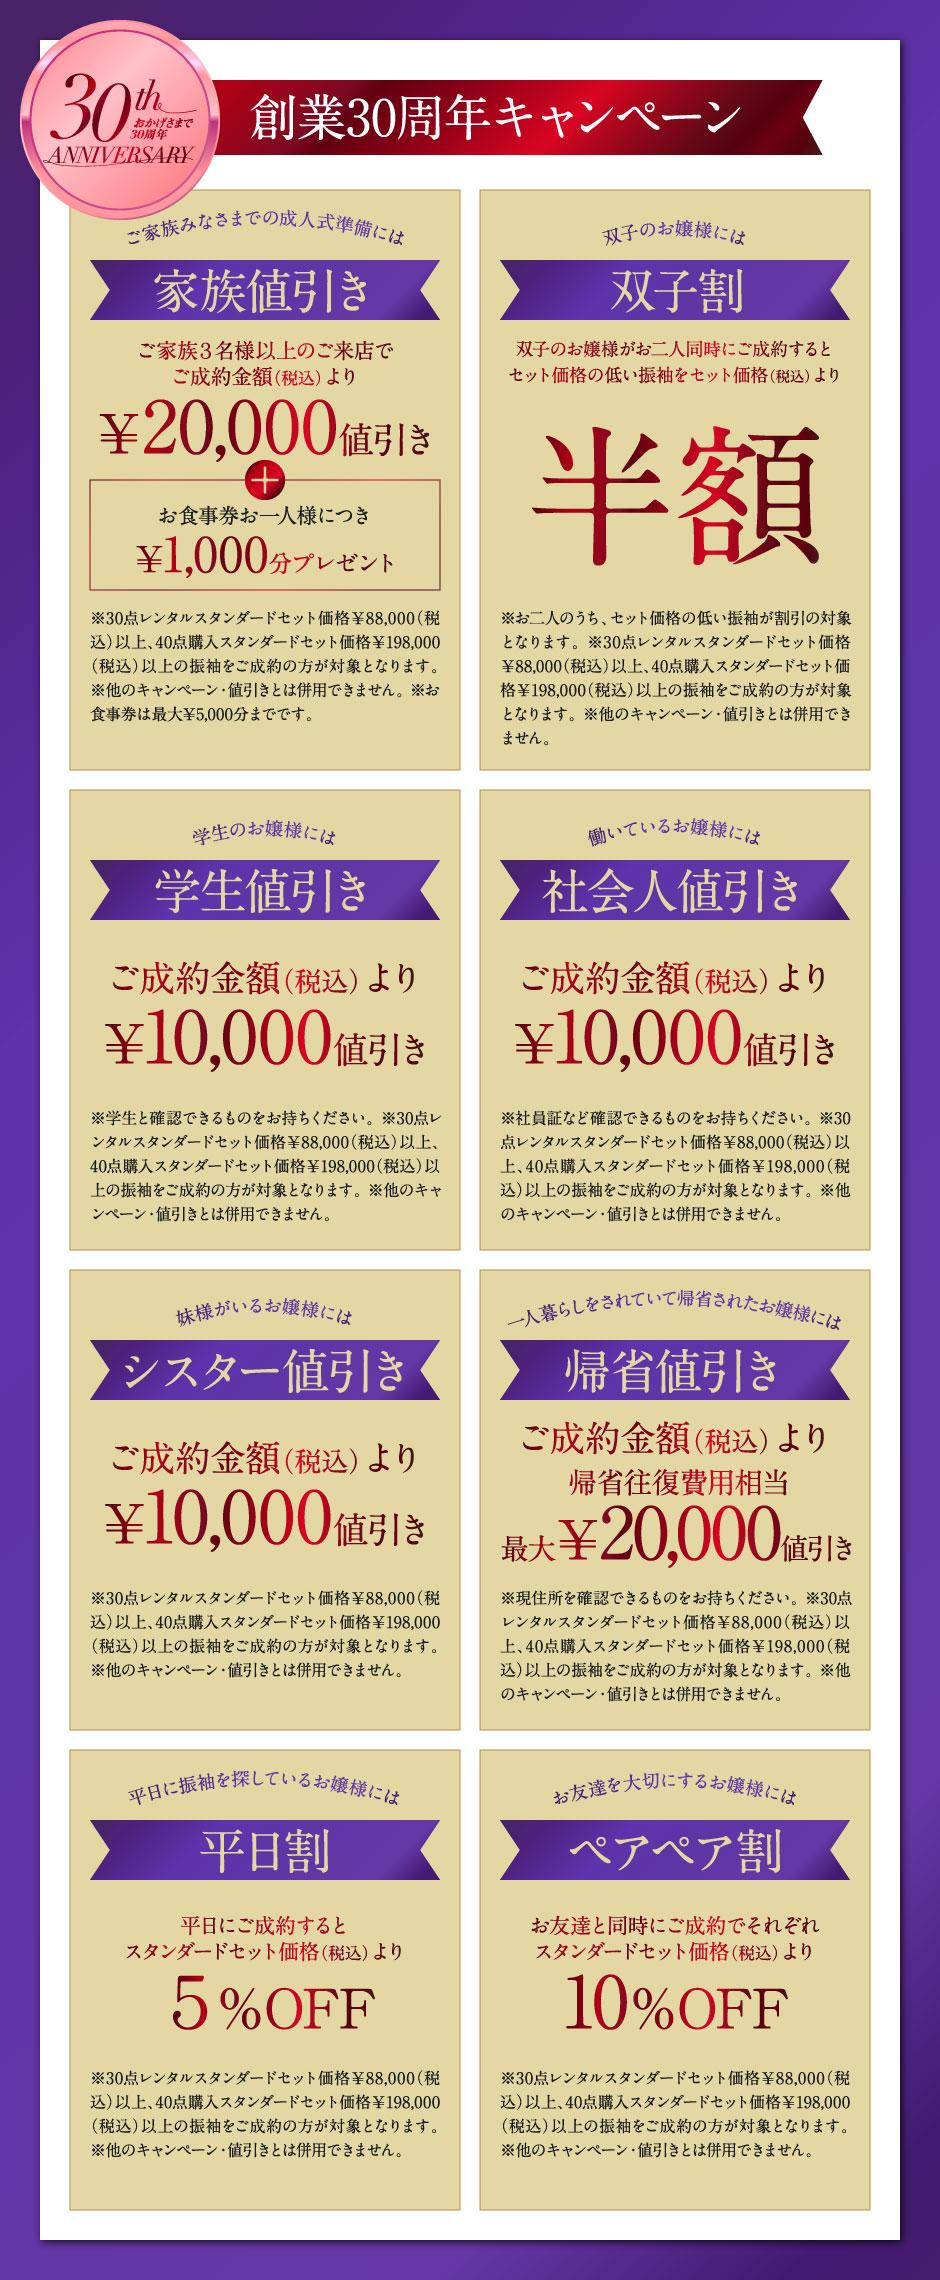 創業30周年キャンペーン値引き・割引